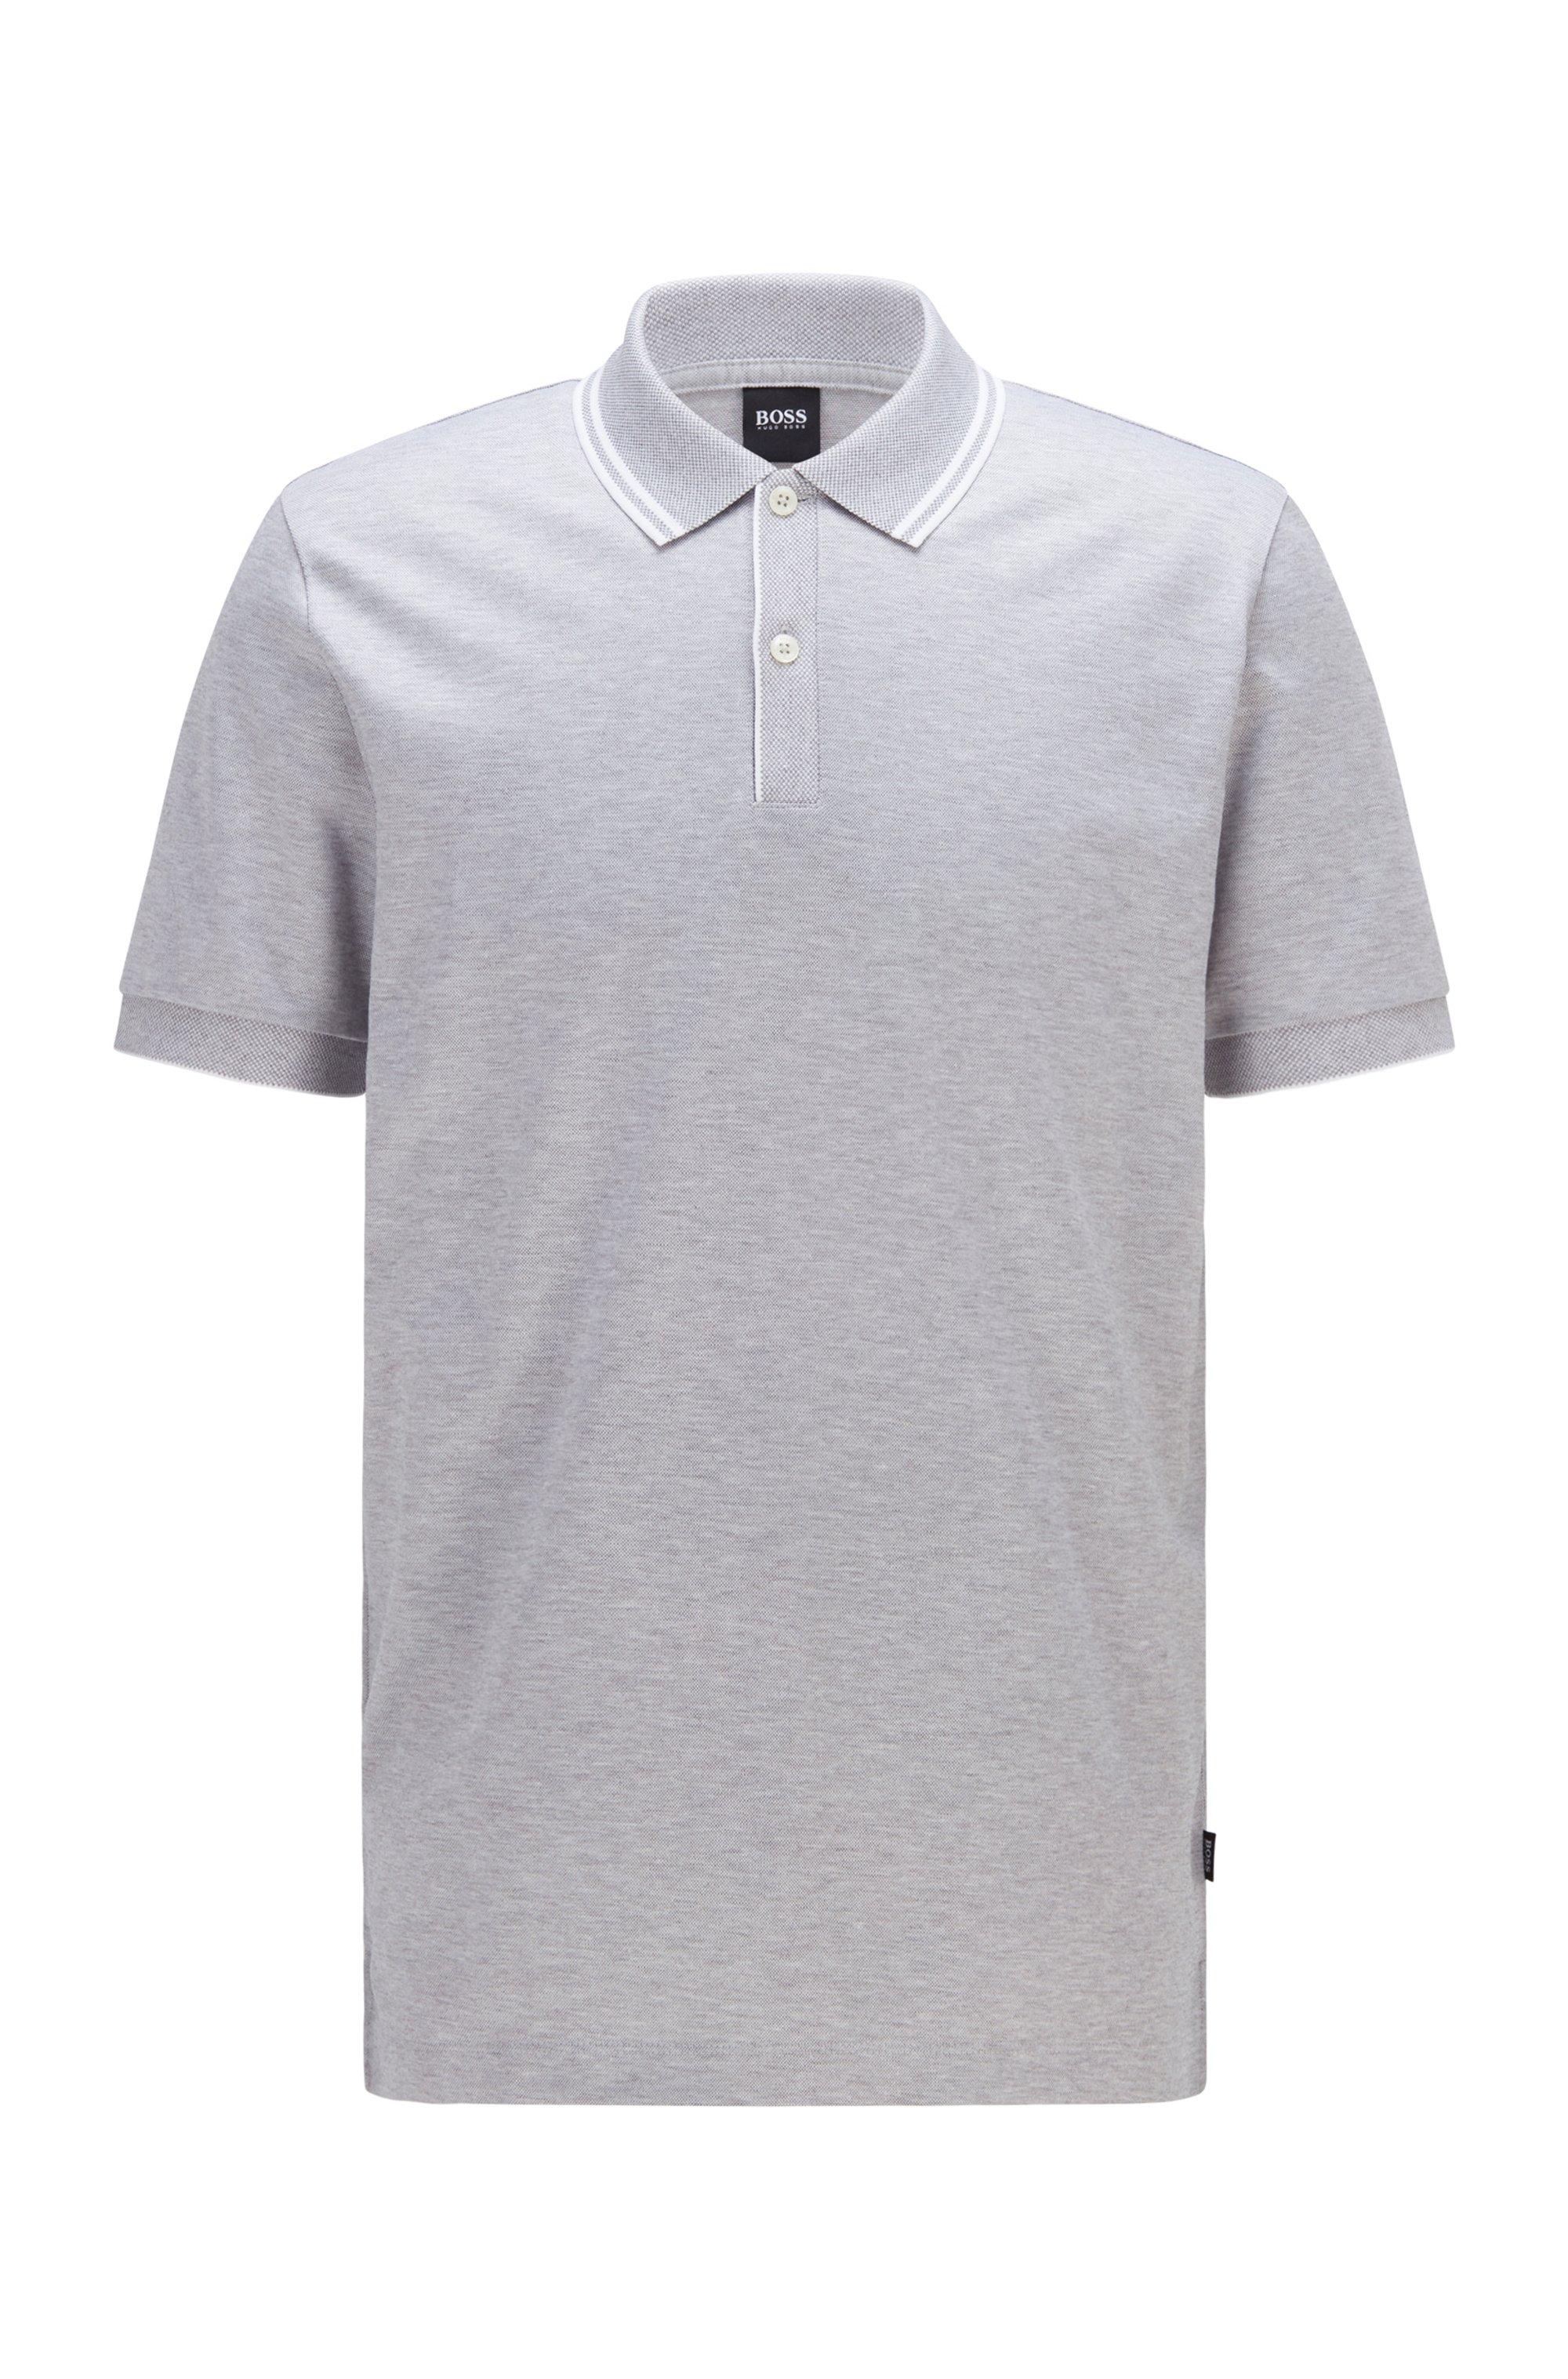 Regular-Fit Poloshirt aus merzerisierter Baumwolle mit Hanf, Hellgrau